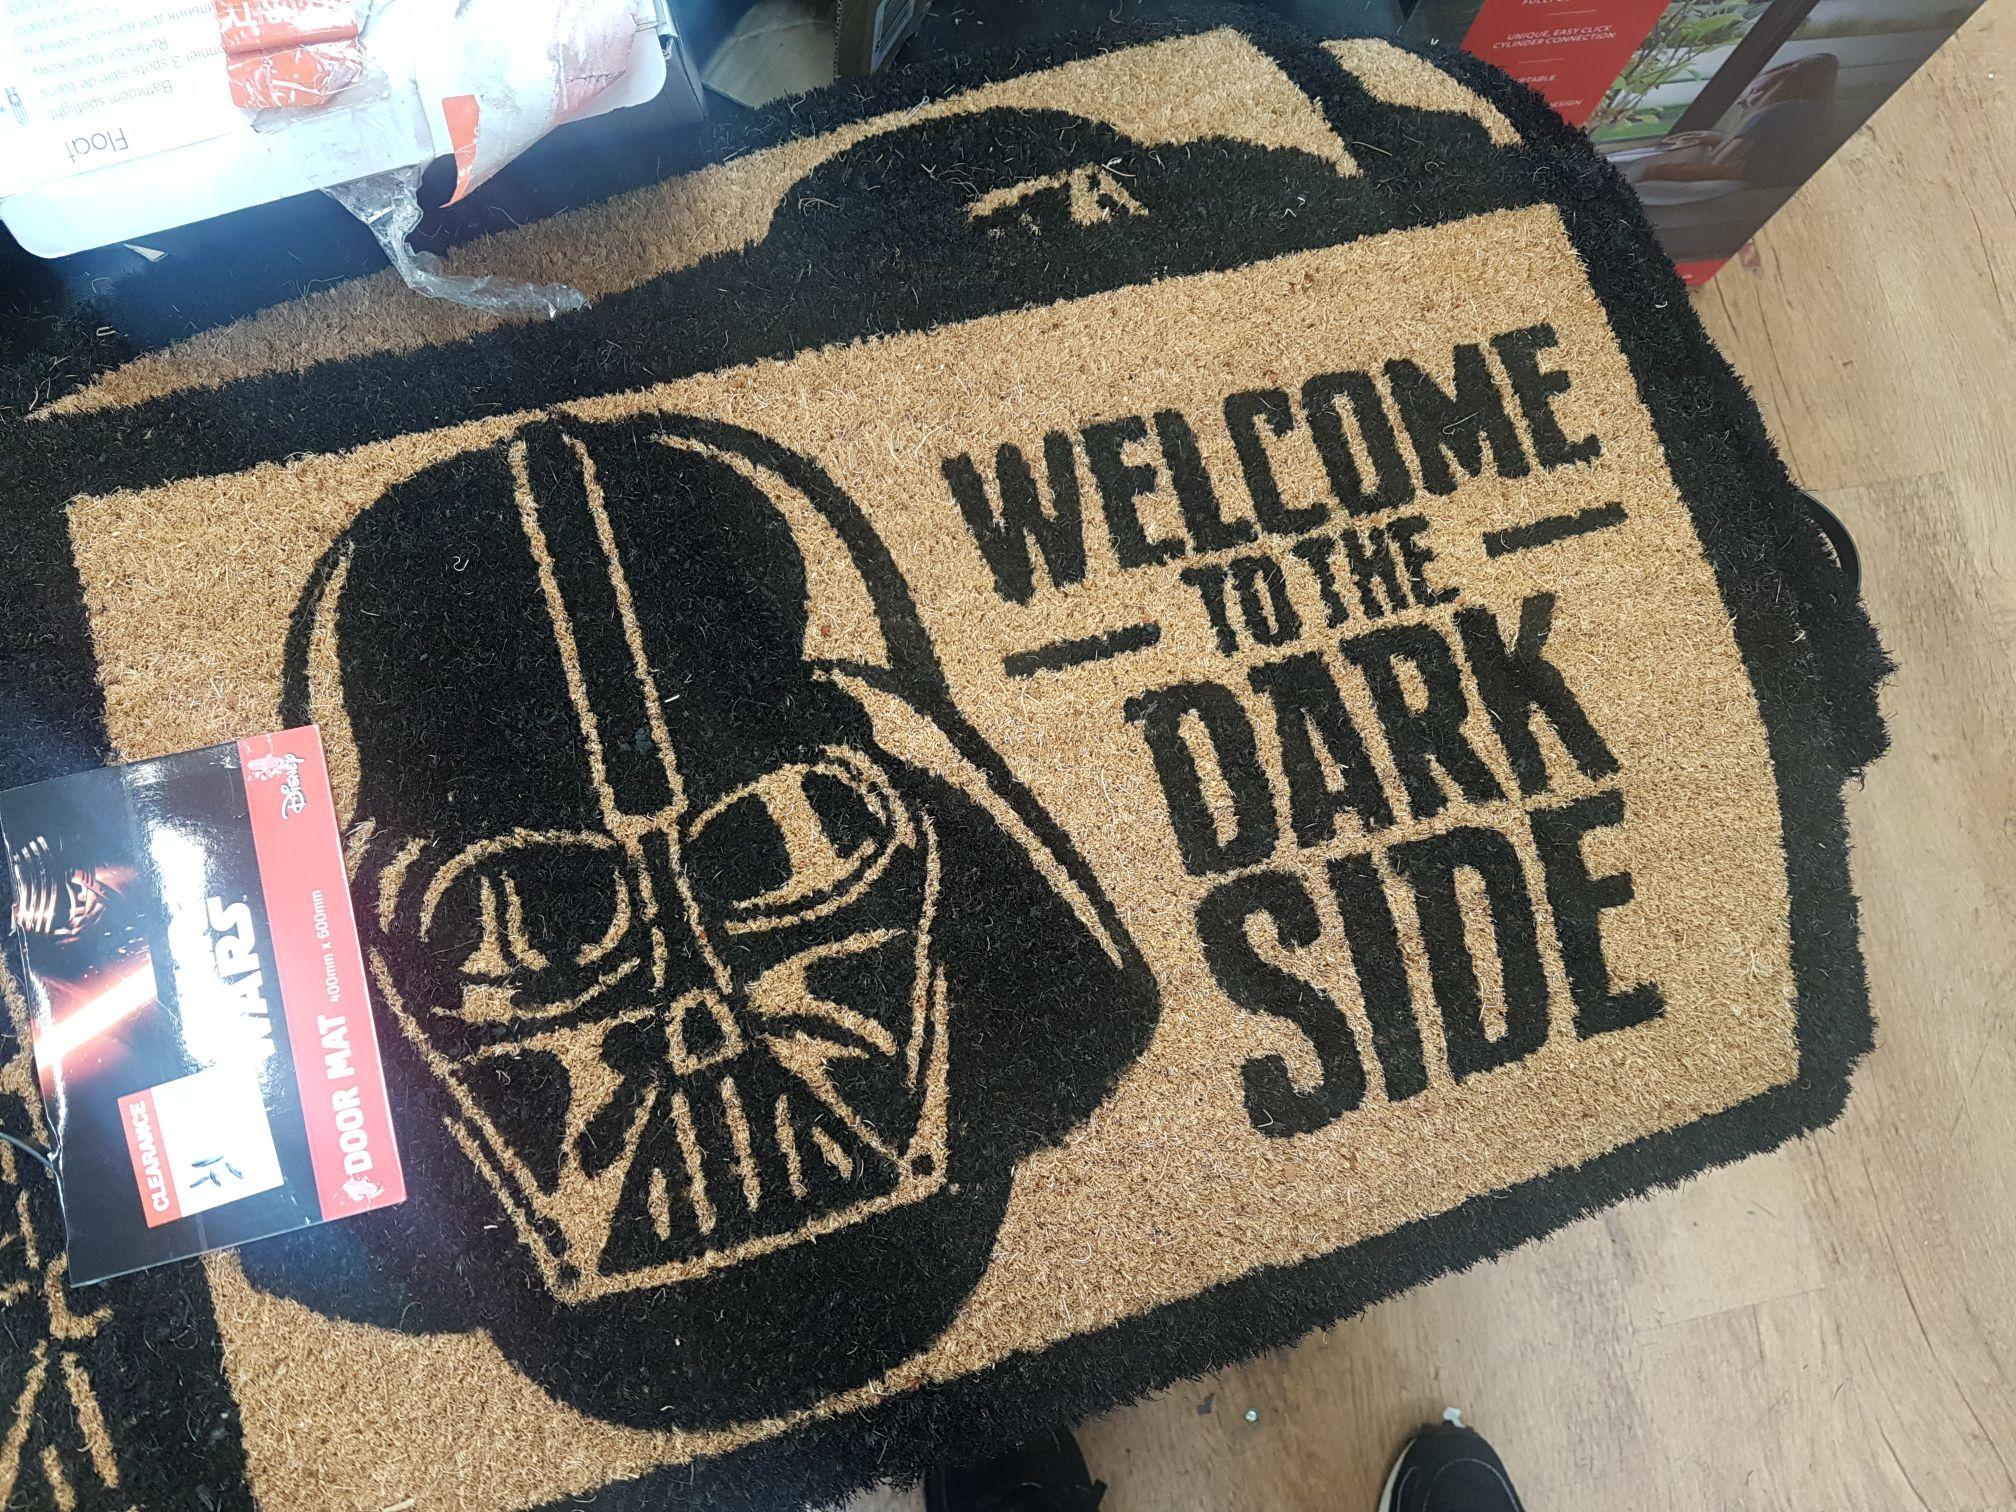 Star Wars Door mat @ B&Q Greenwich £1